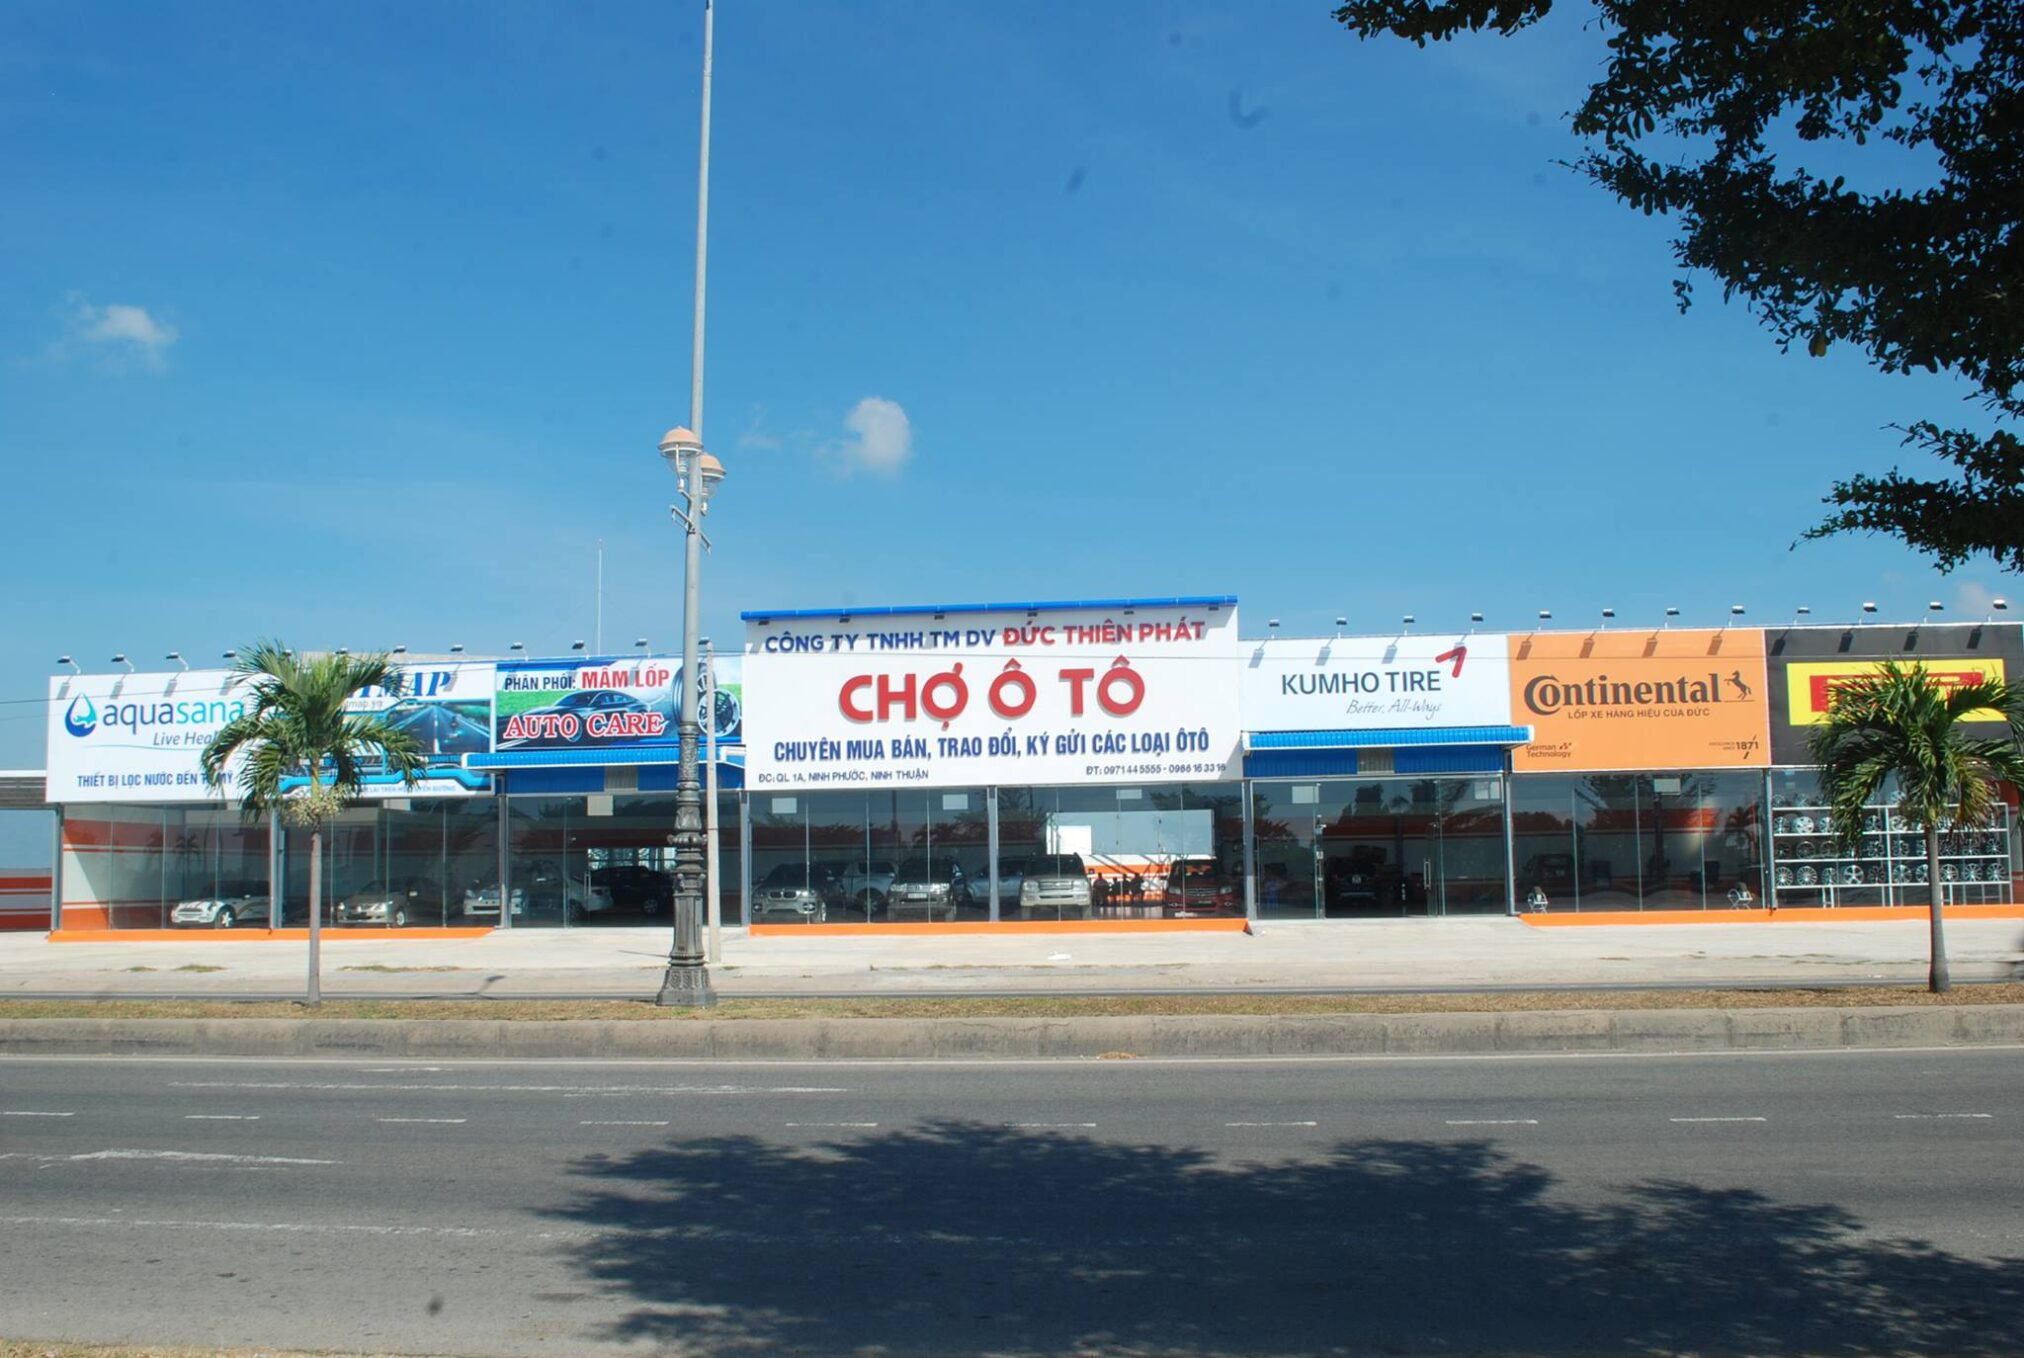 Ban-showroom-trung-bay-o-to-duong-quoc-lo-1A-Ninh-Phuoc-Ninh-Thuan